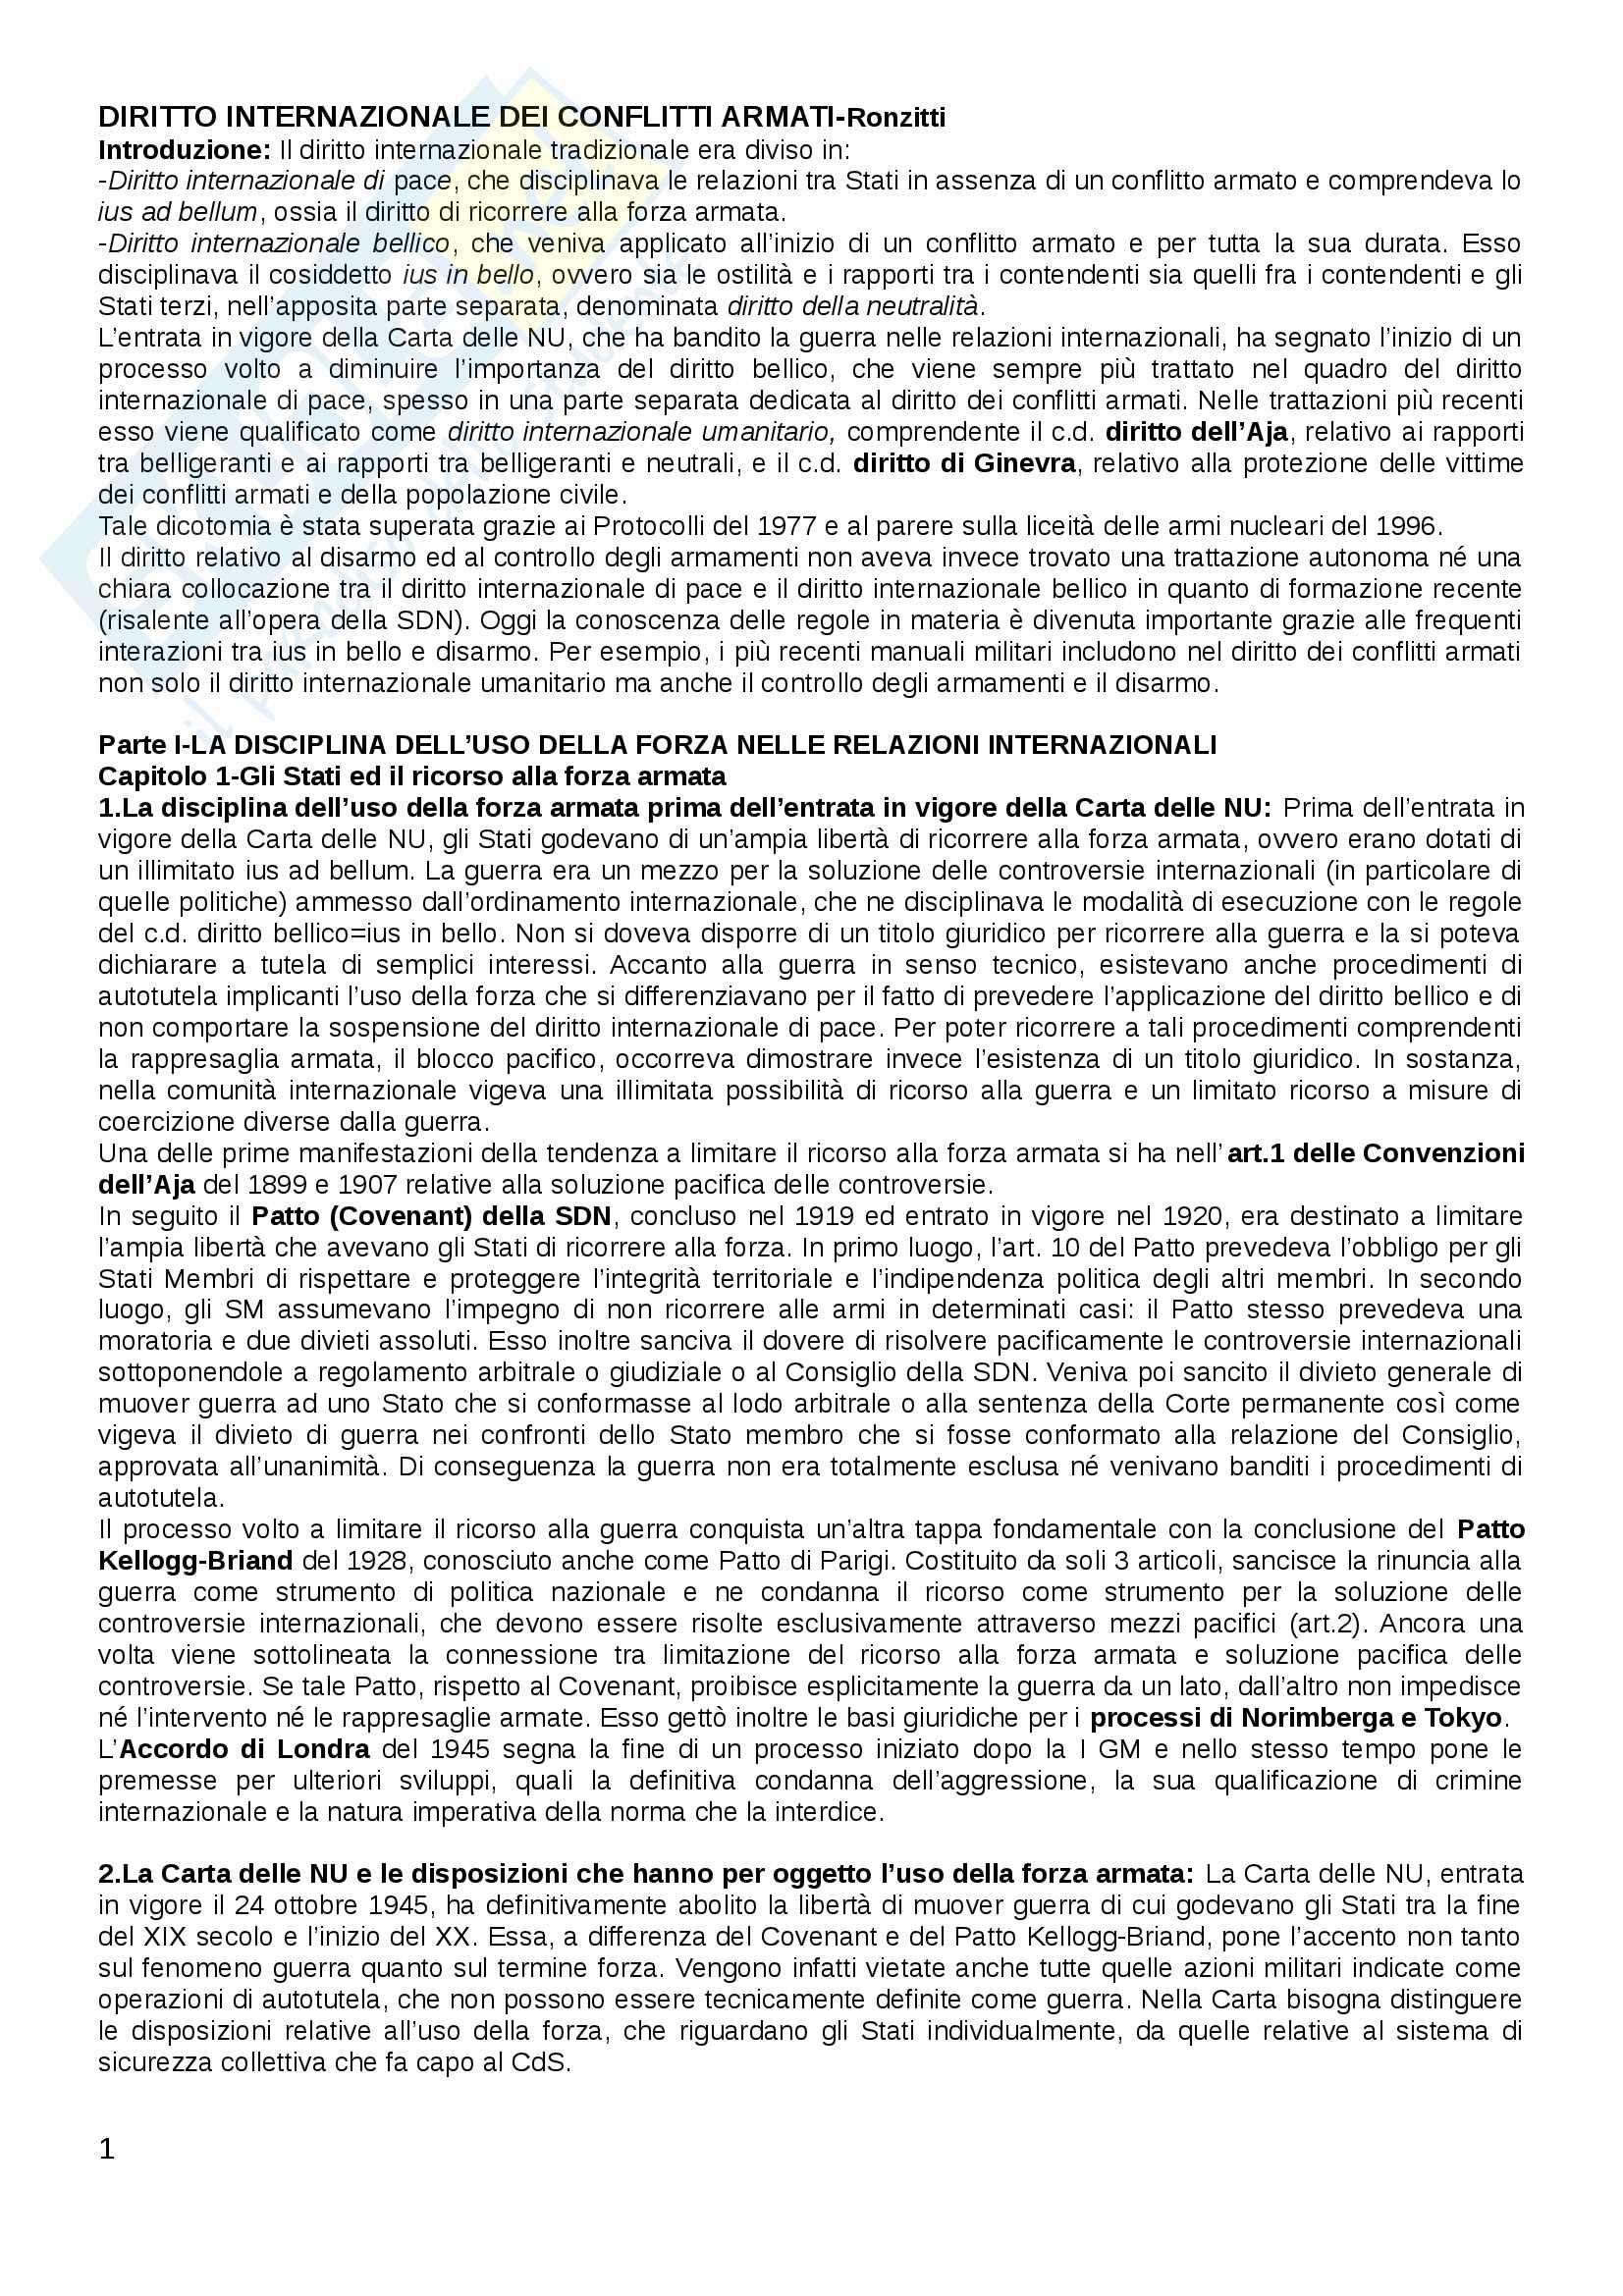 Riassunto esame Diritto internazionale, libro consigliato Diritto internazionale dei conflitti armati di Ronzitti